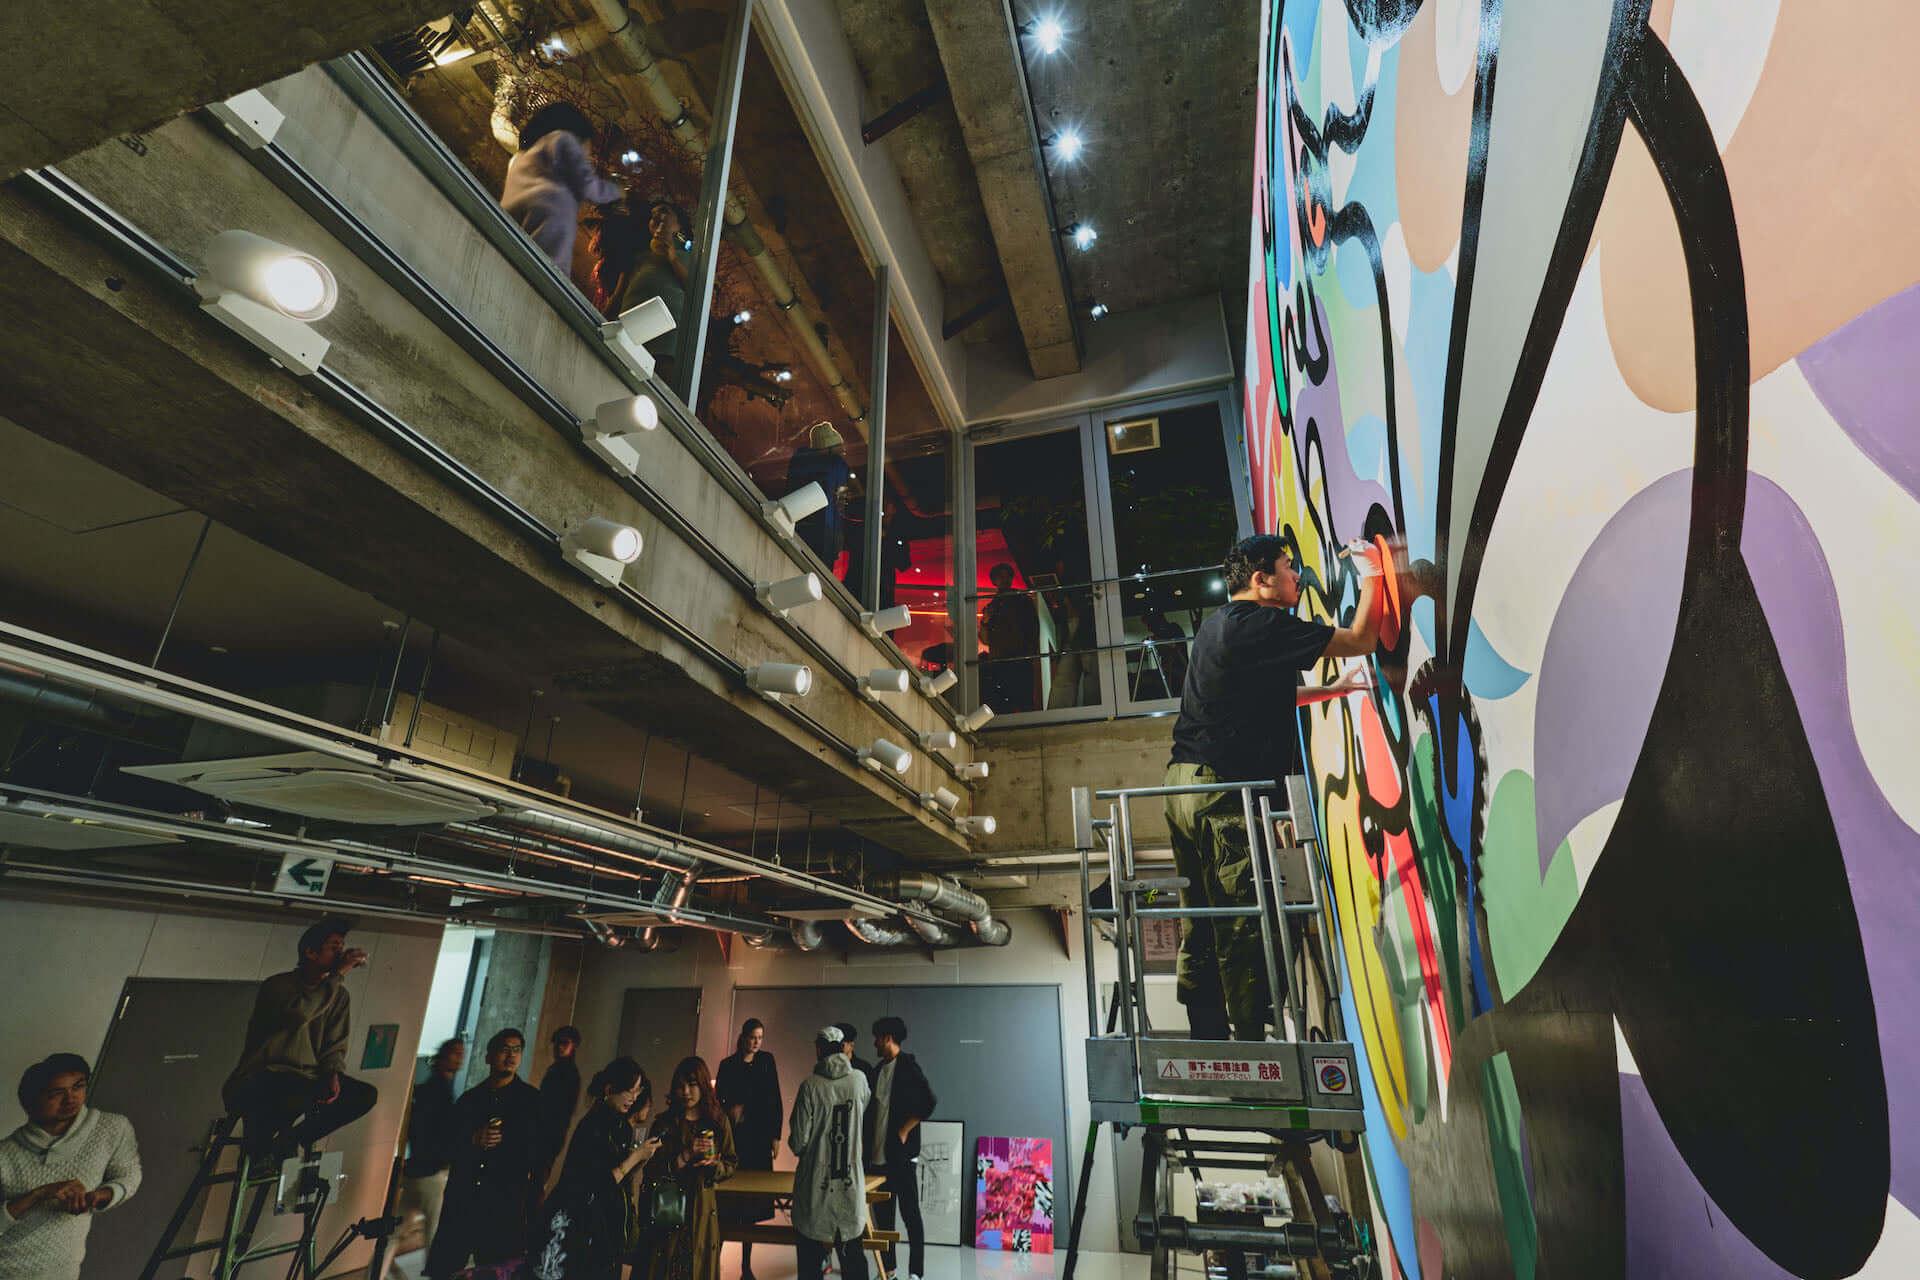 泊まれるアート作品が26部屋も!YOSHIROTTEN、カワムラユキらが参加したオルタナティブホテル「BnA_WALL」が日本橋にプレオープン lf201203_bna-wall_11-1920x1280